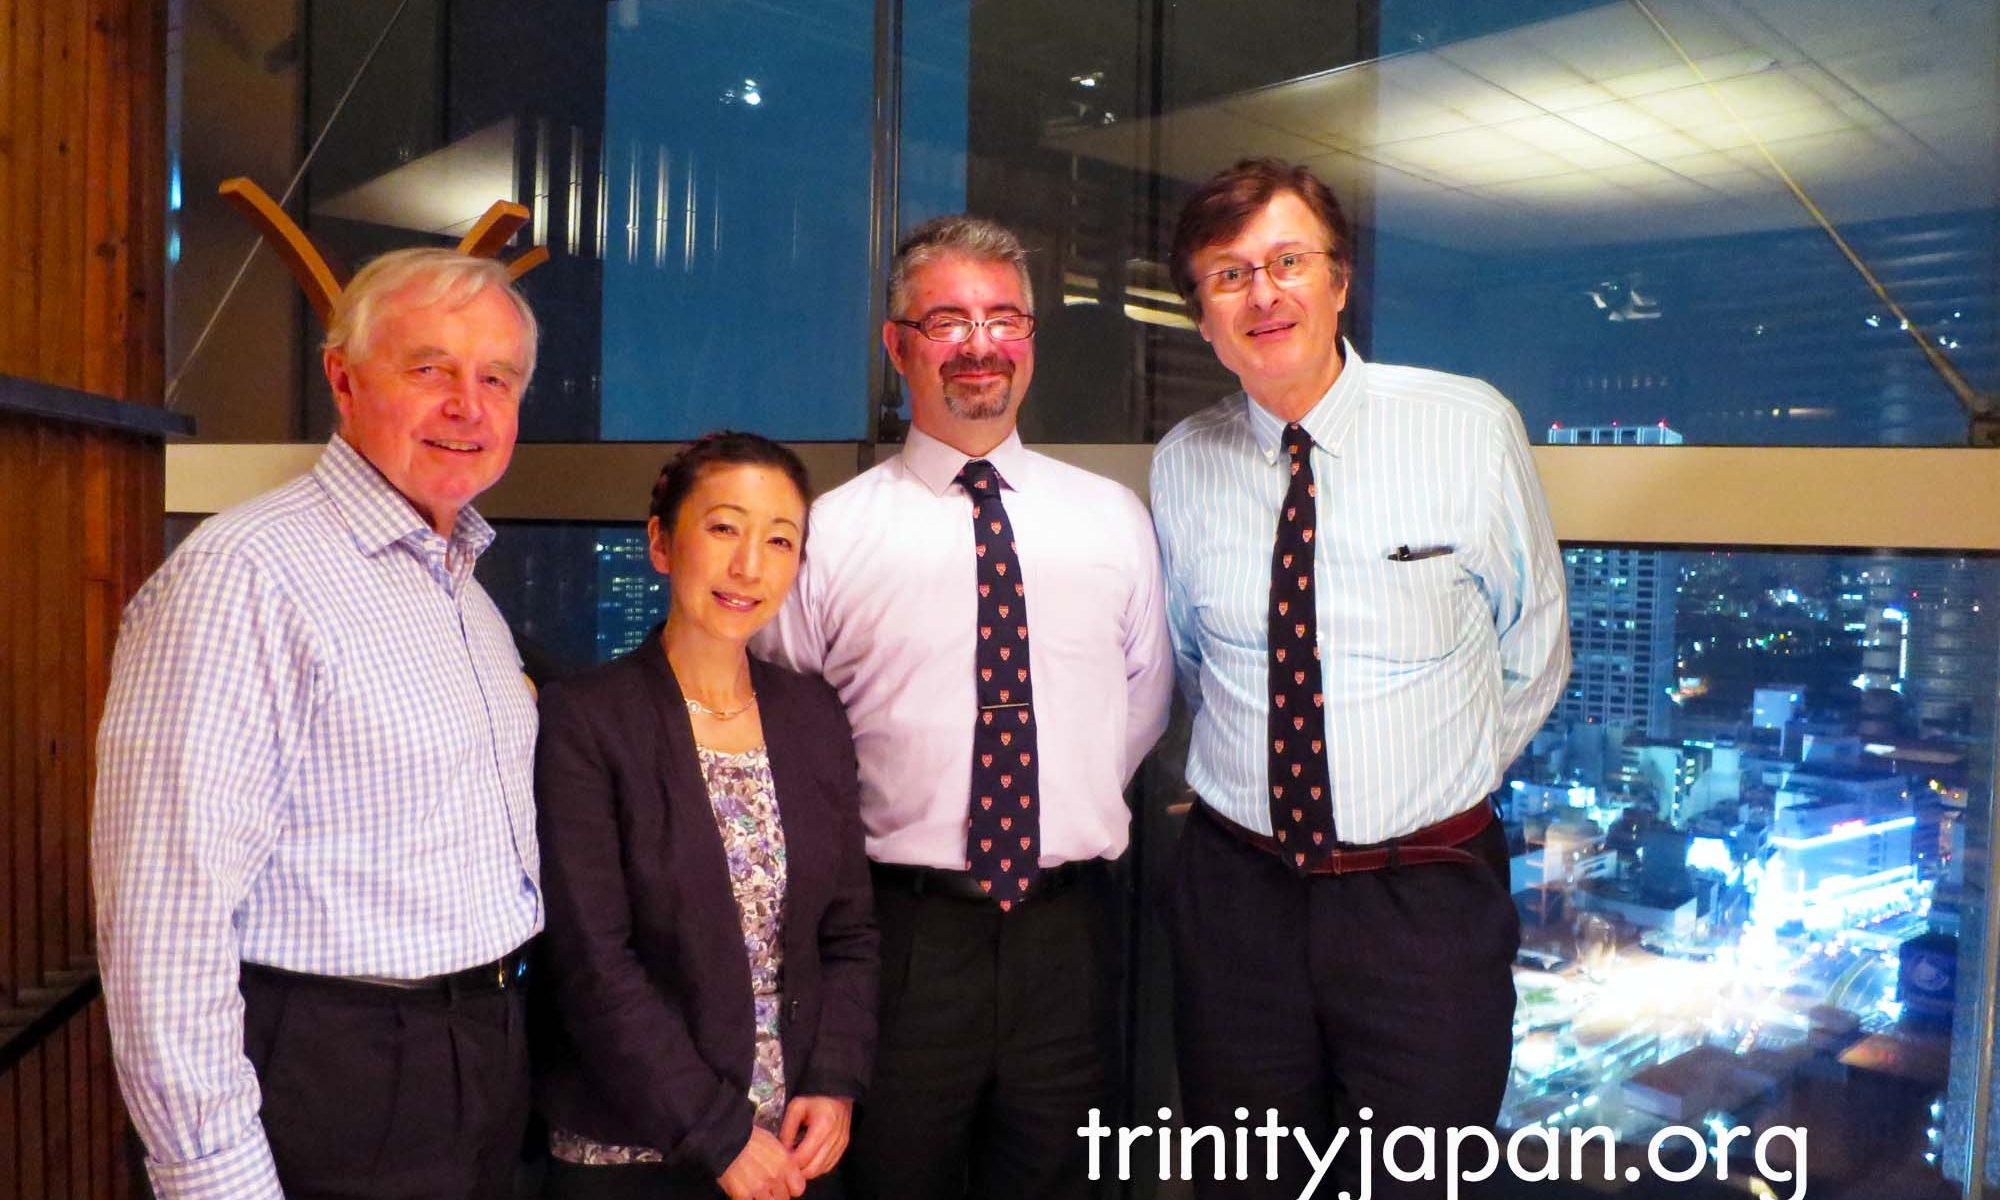 トリニティ・イン・ジャパン・ソサエティの第三回ミーティング、2015年9月24日